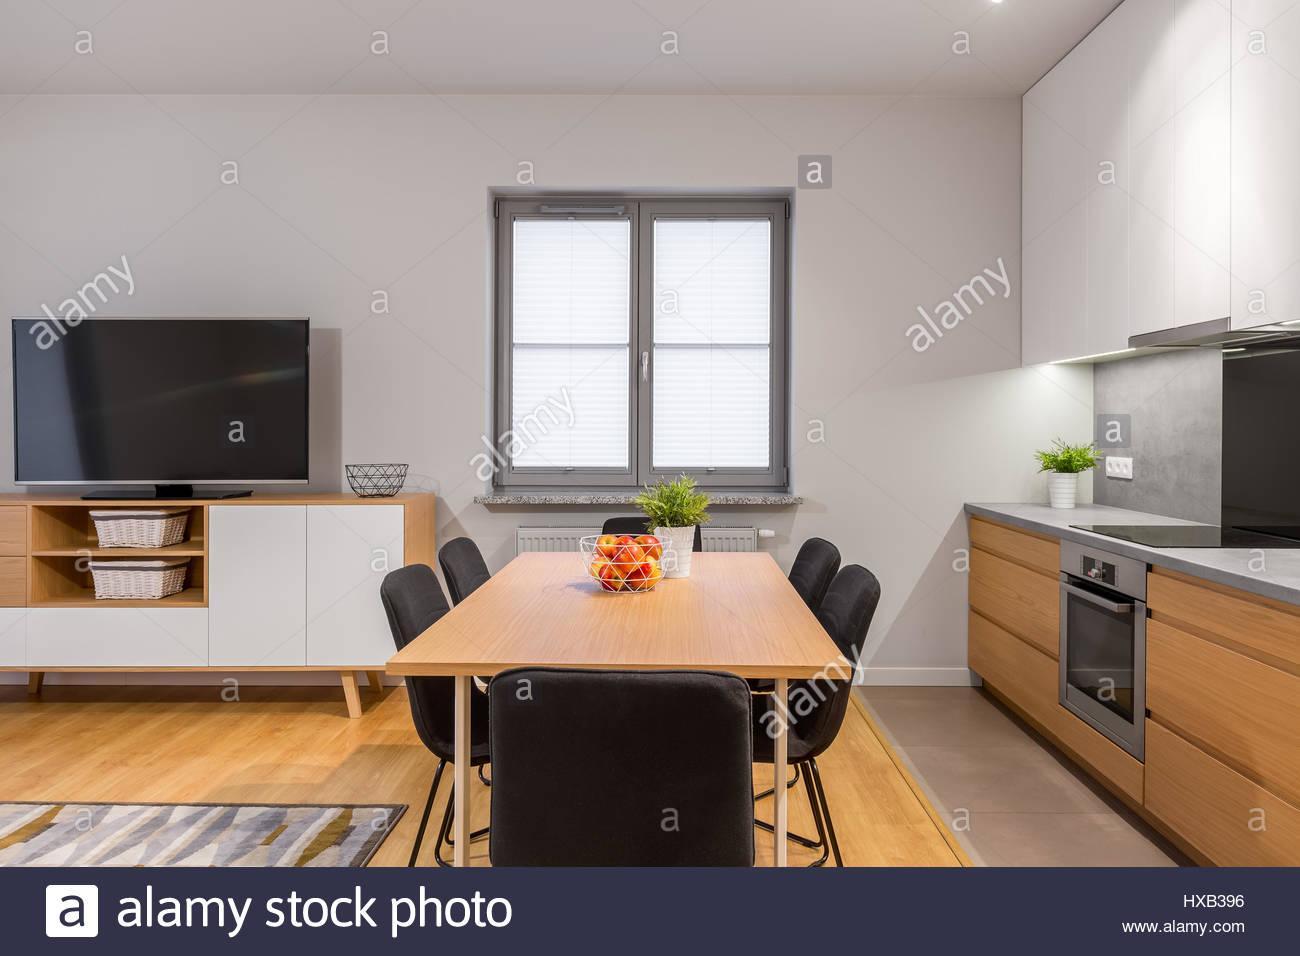 Küche Esszimmer In Einem Raum